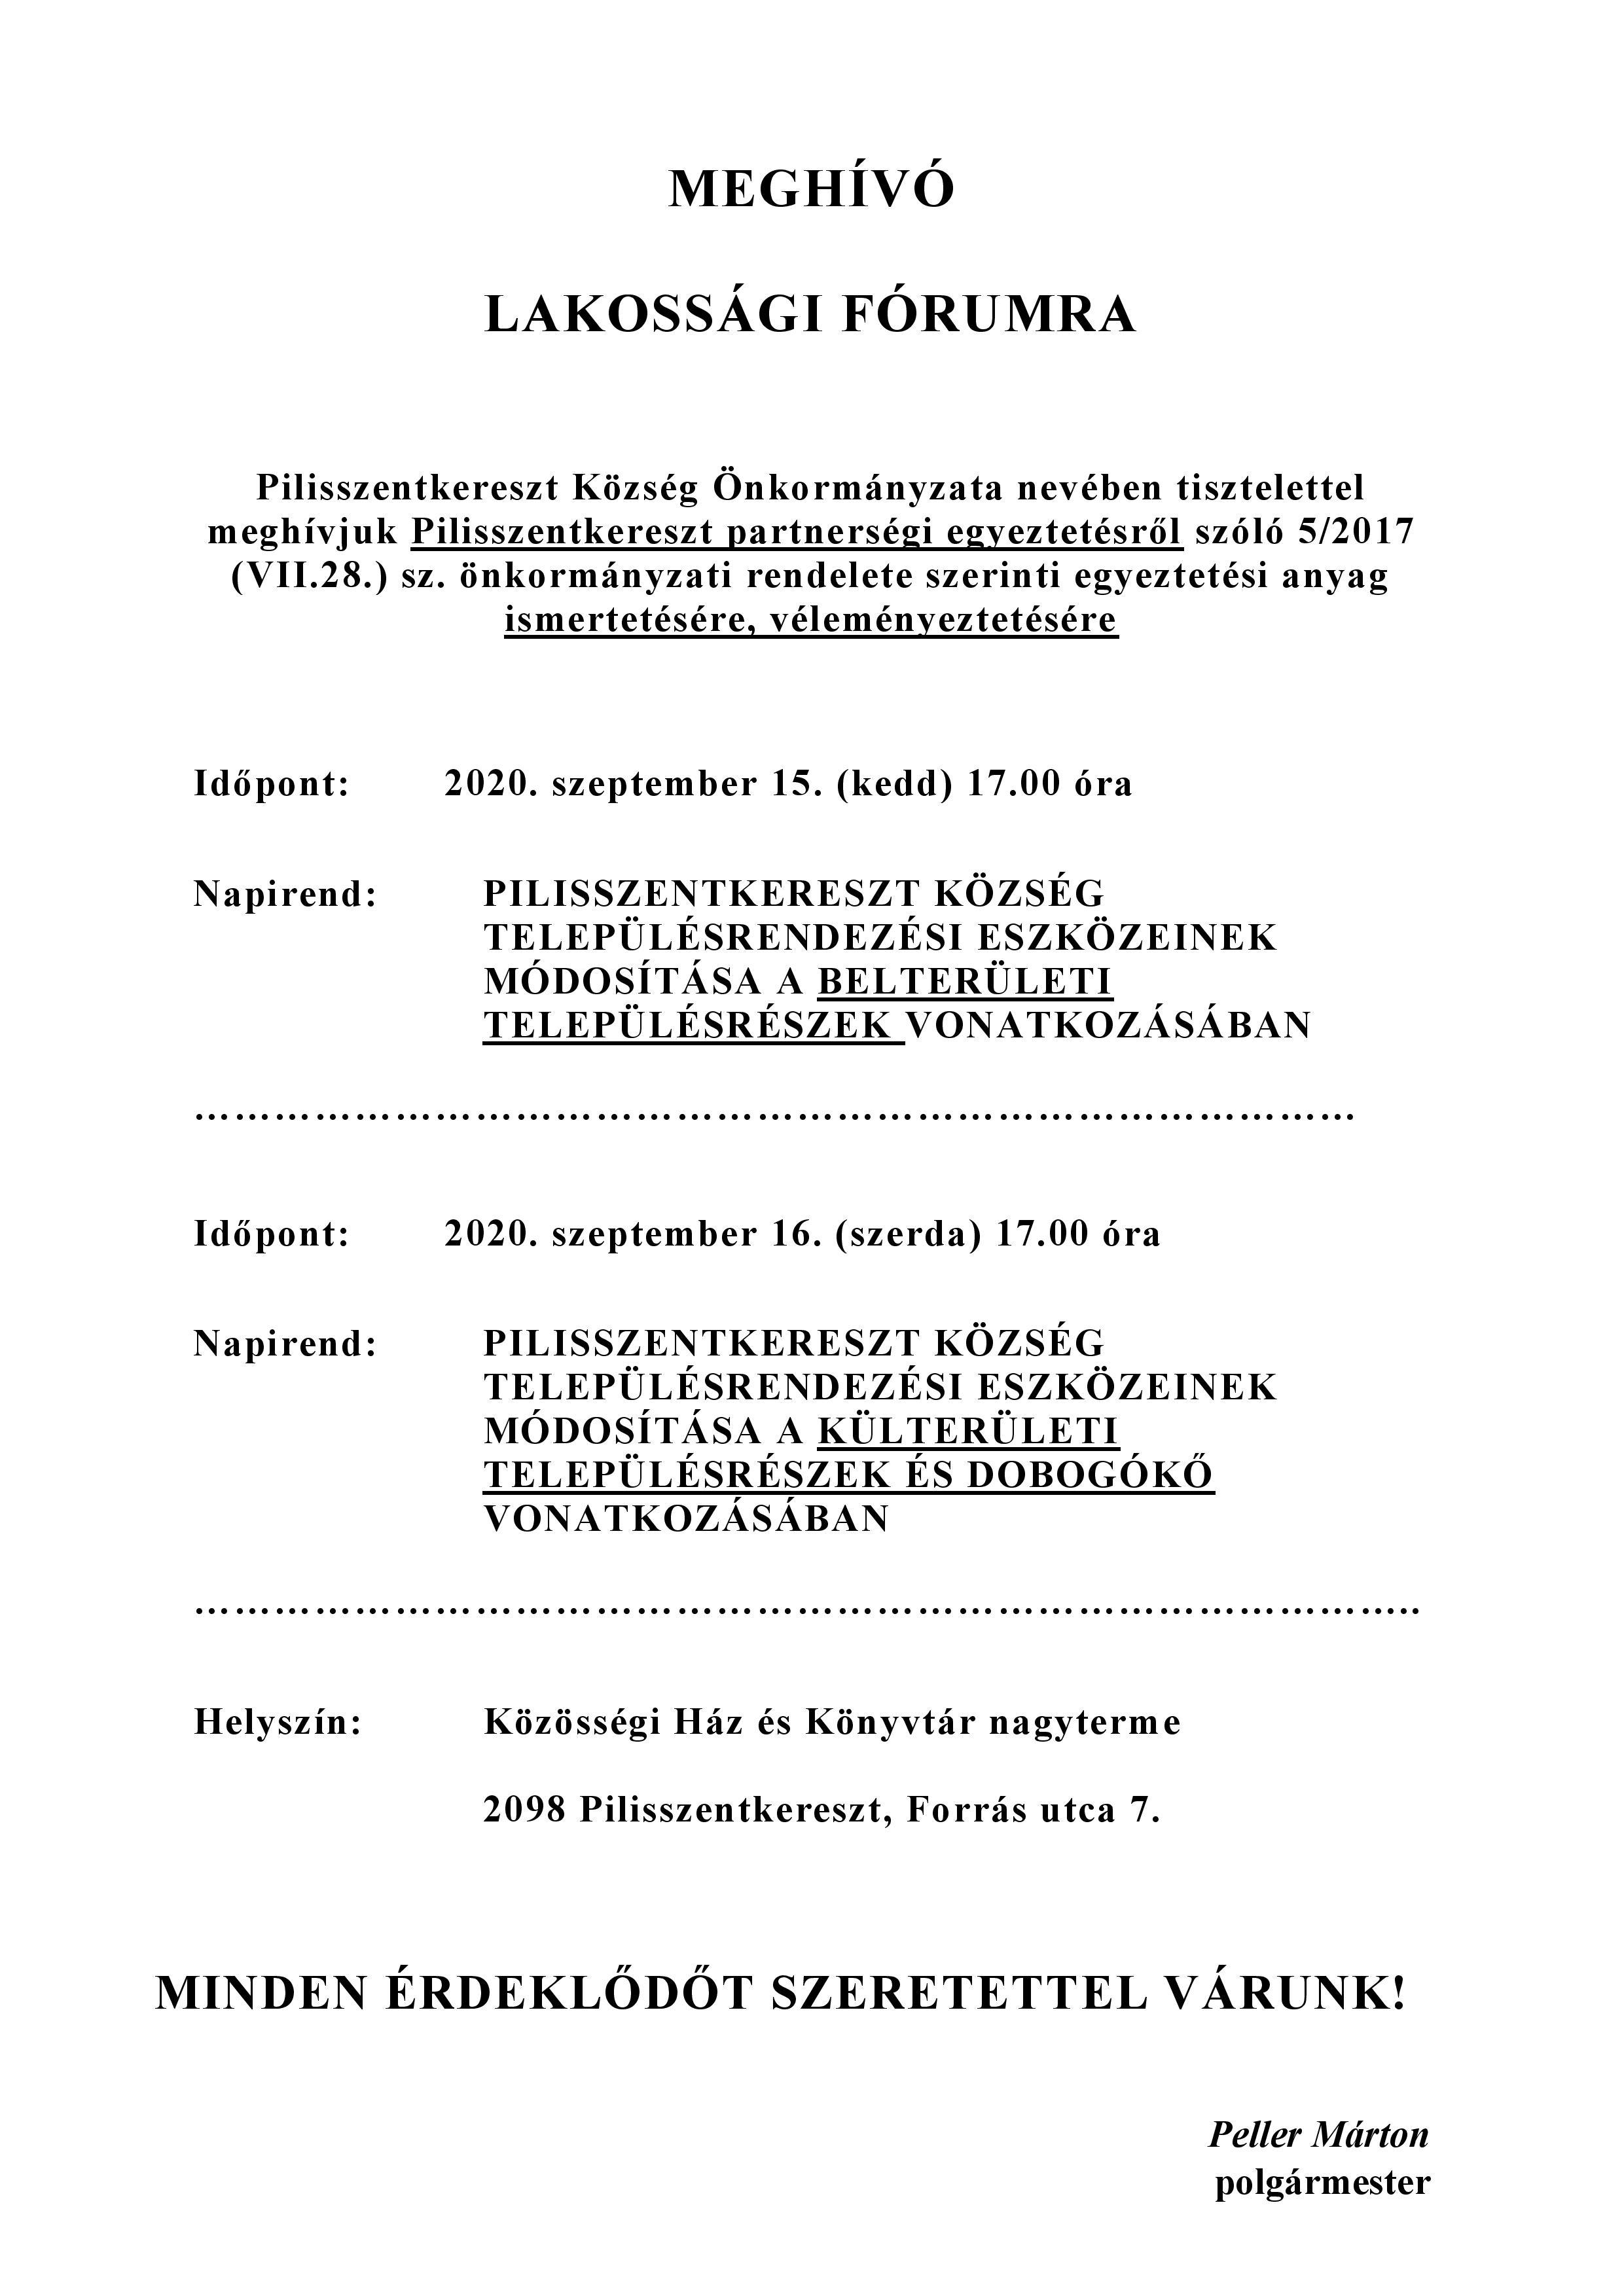 Meghívó lakossági fórumra 09.15.